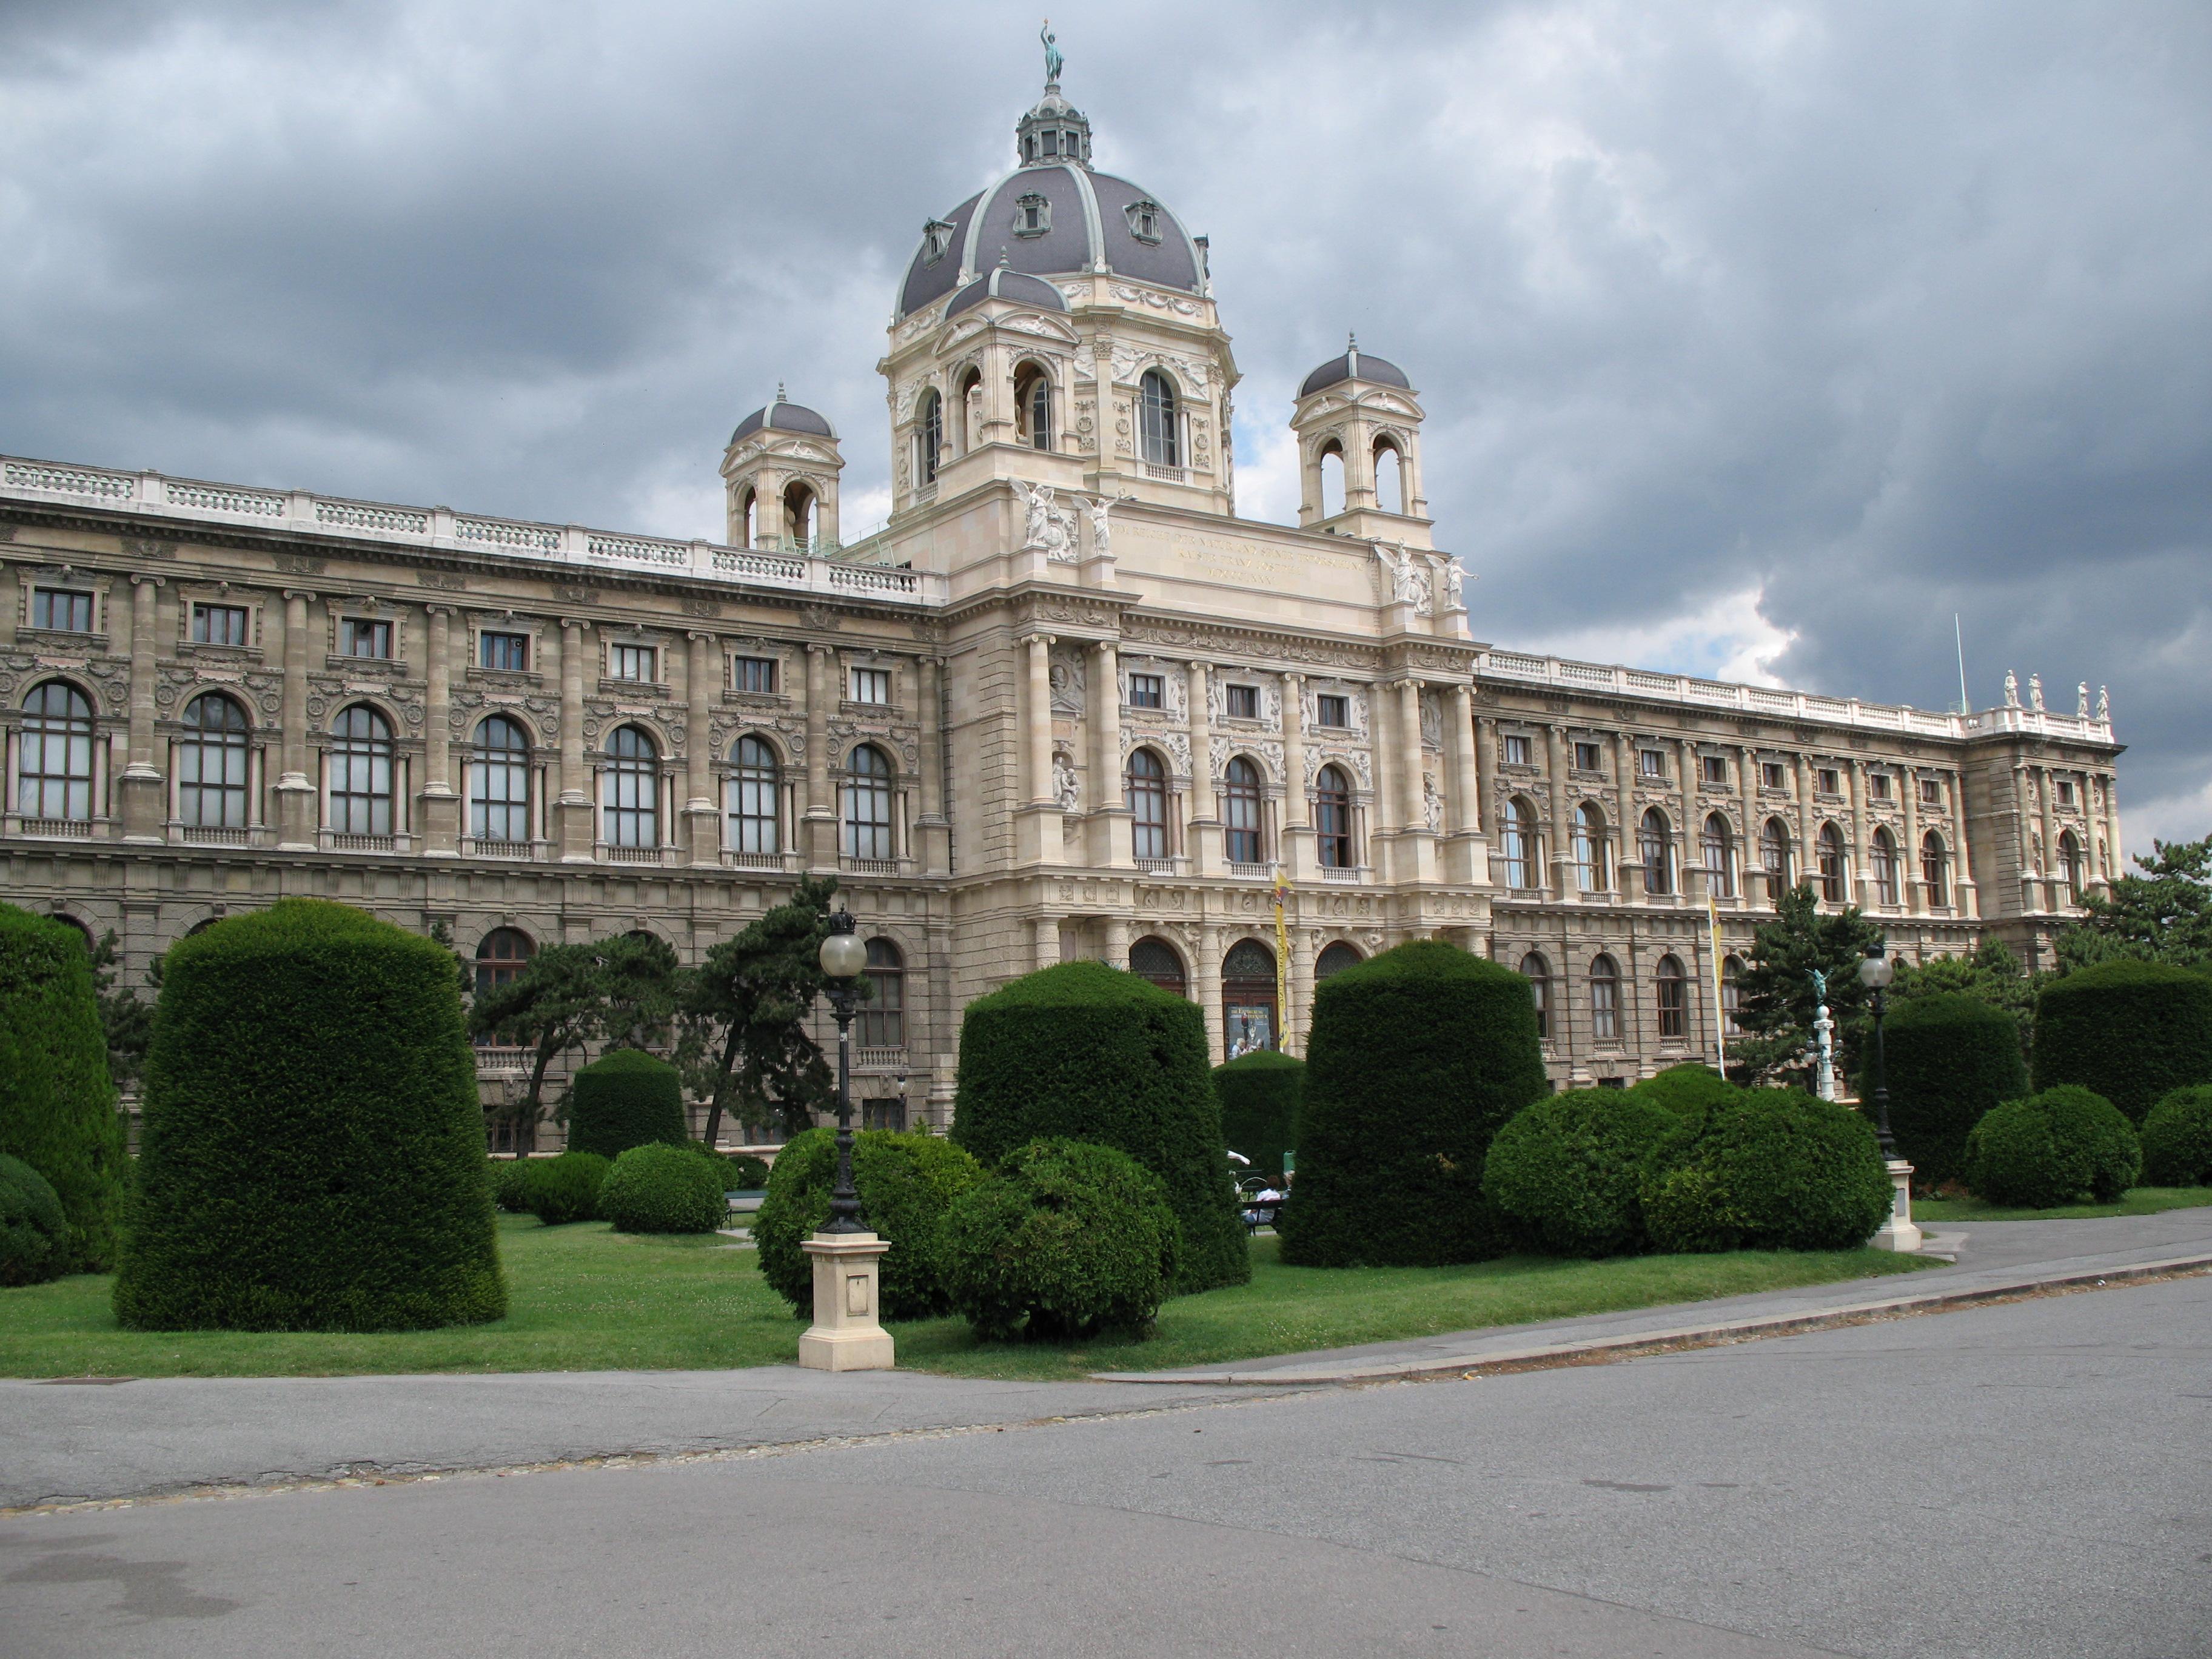 Файл:IMG 0088 - Wien - Naturhistorisches Museum.JPG ...